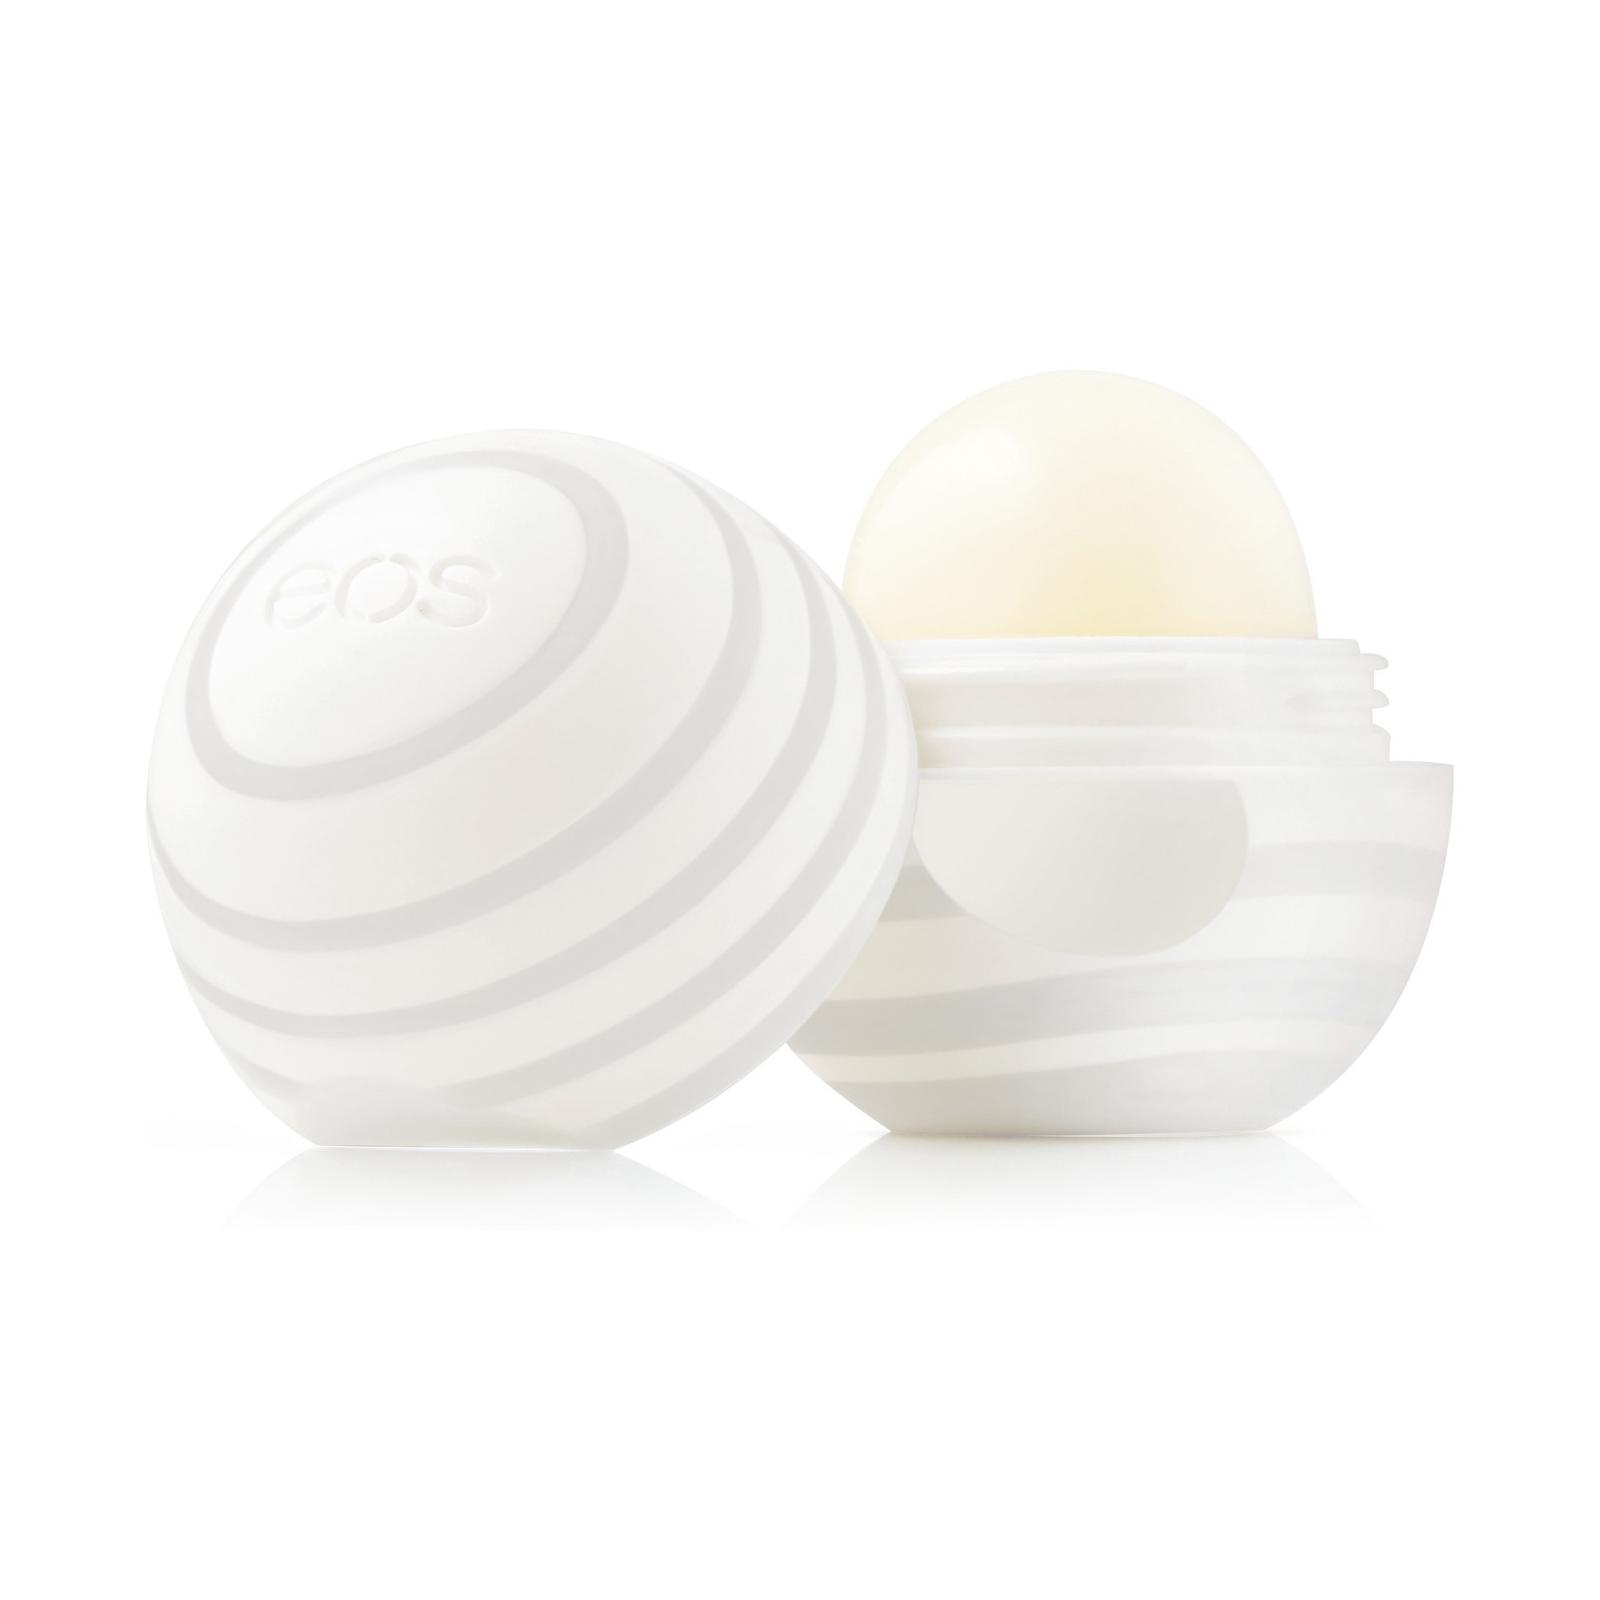 Eos Visibly Soft Lip Balm Sphere Neutral Flavor 25 Oz 7